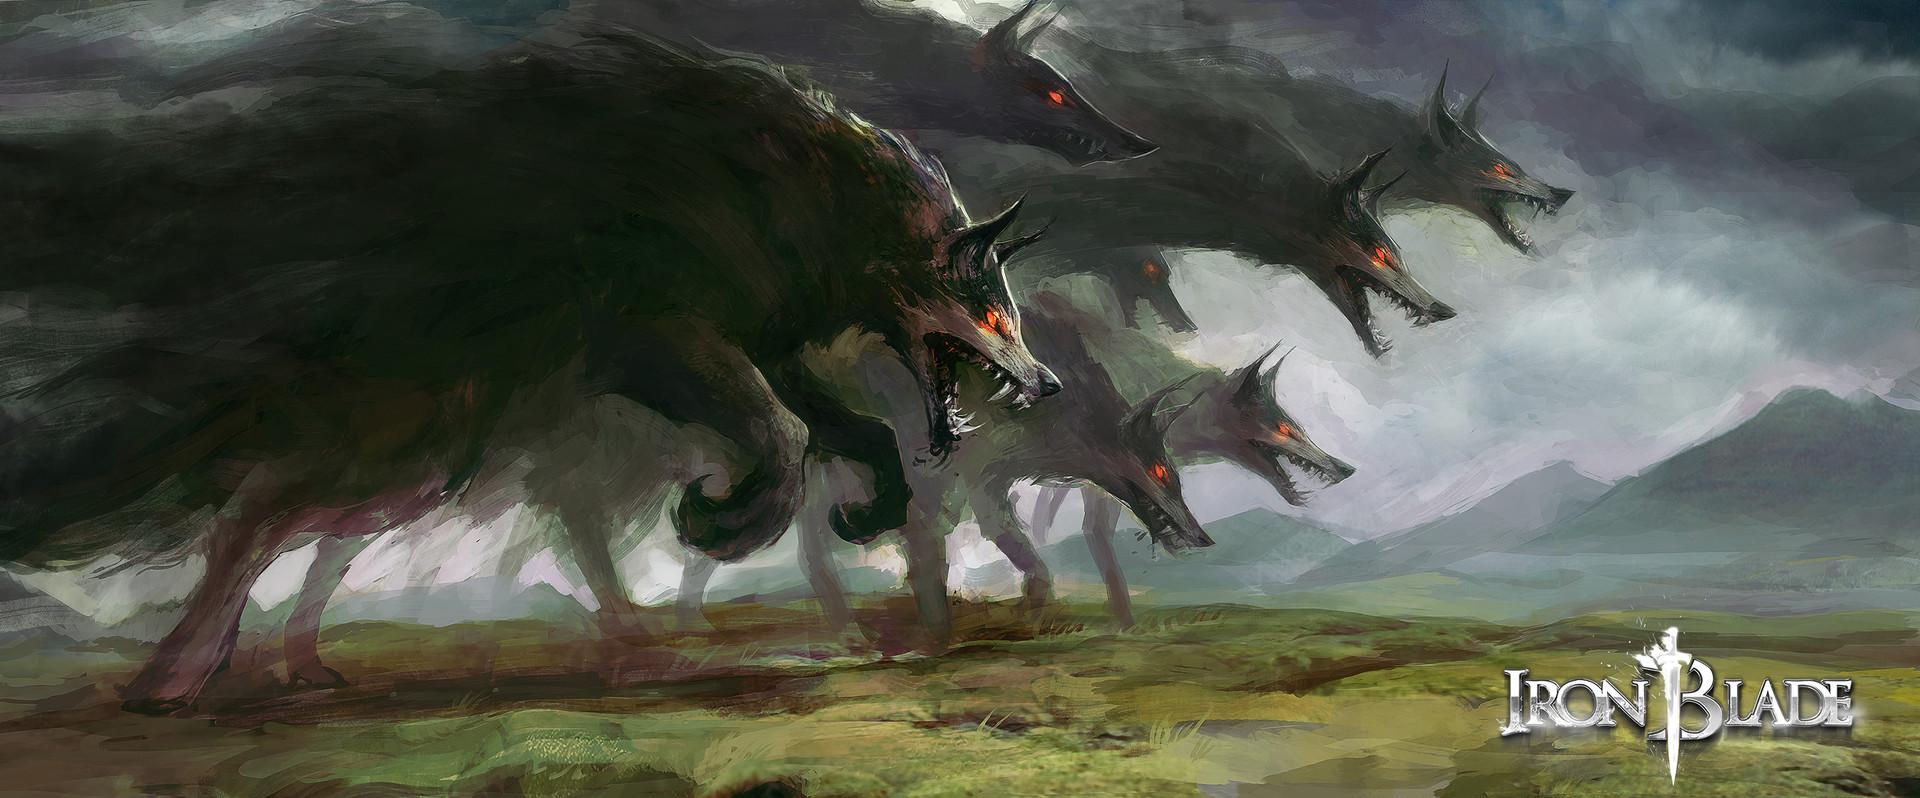 Alexandre chaudret gca creature barghest 03